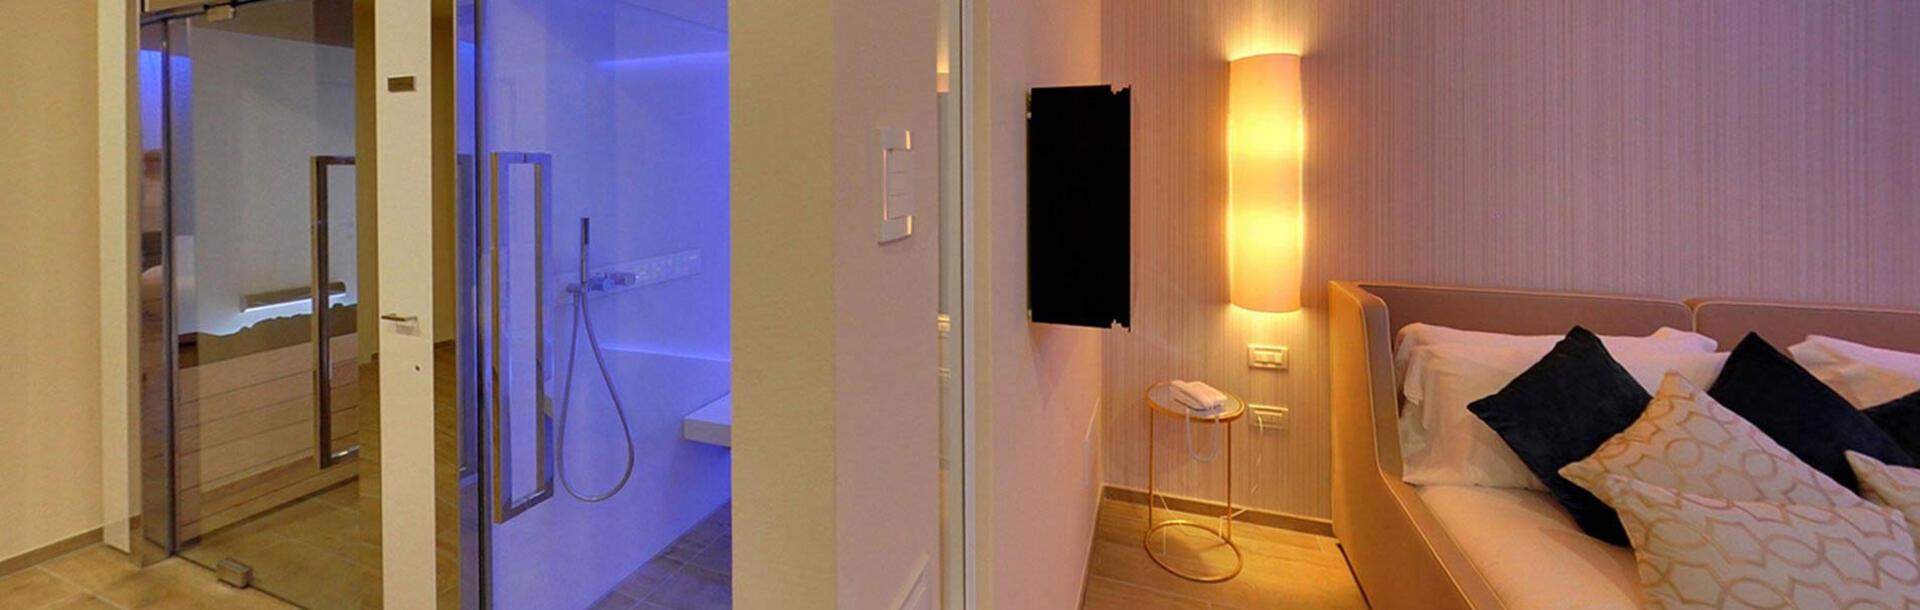 hotel-montecarlo en wellness-suite-zaffiro 014